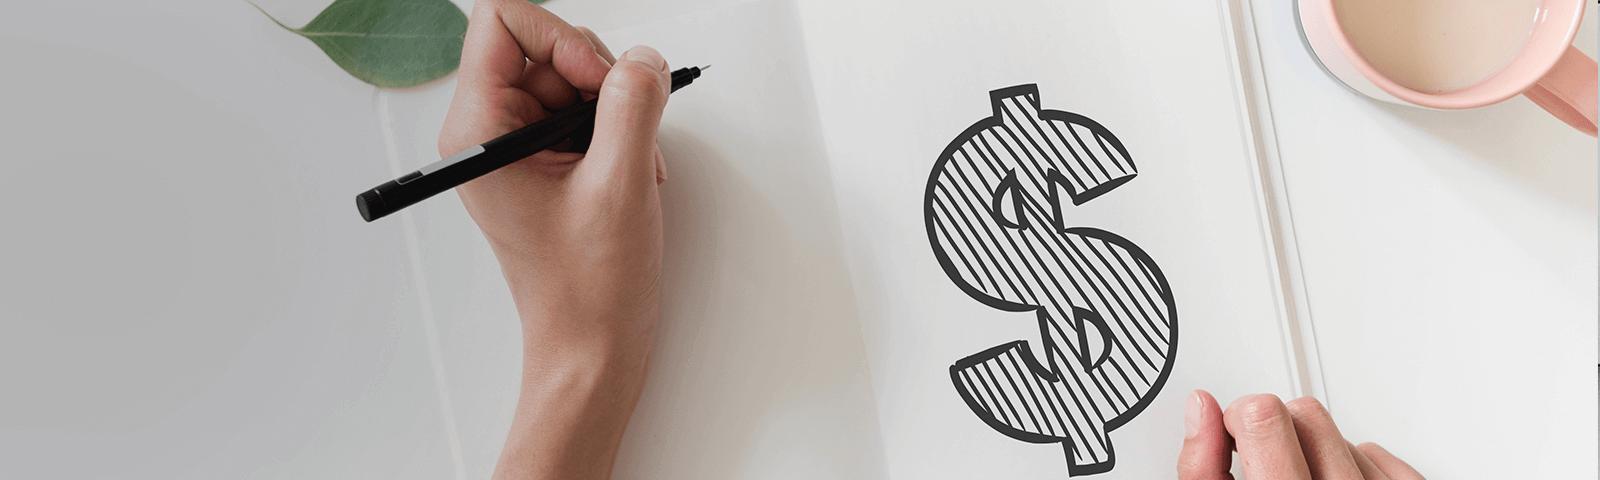 Onlinebanking aus MeinBüro heraus mit dem Modul Finanzen+